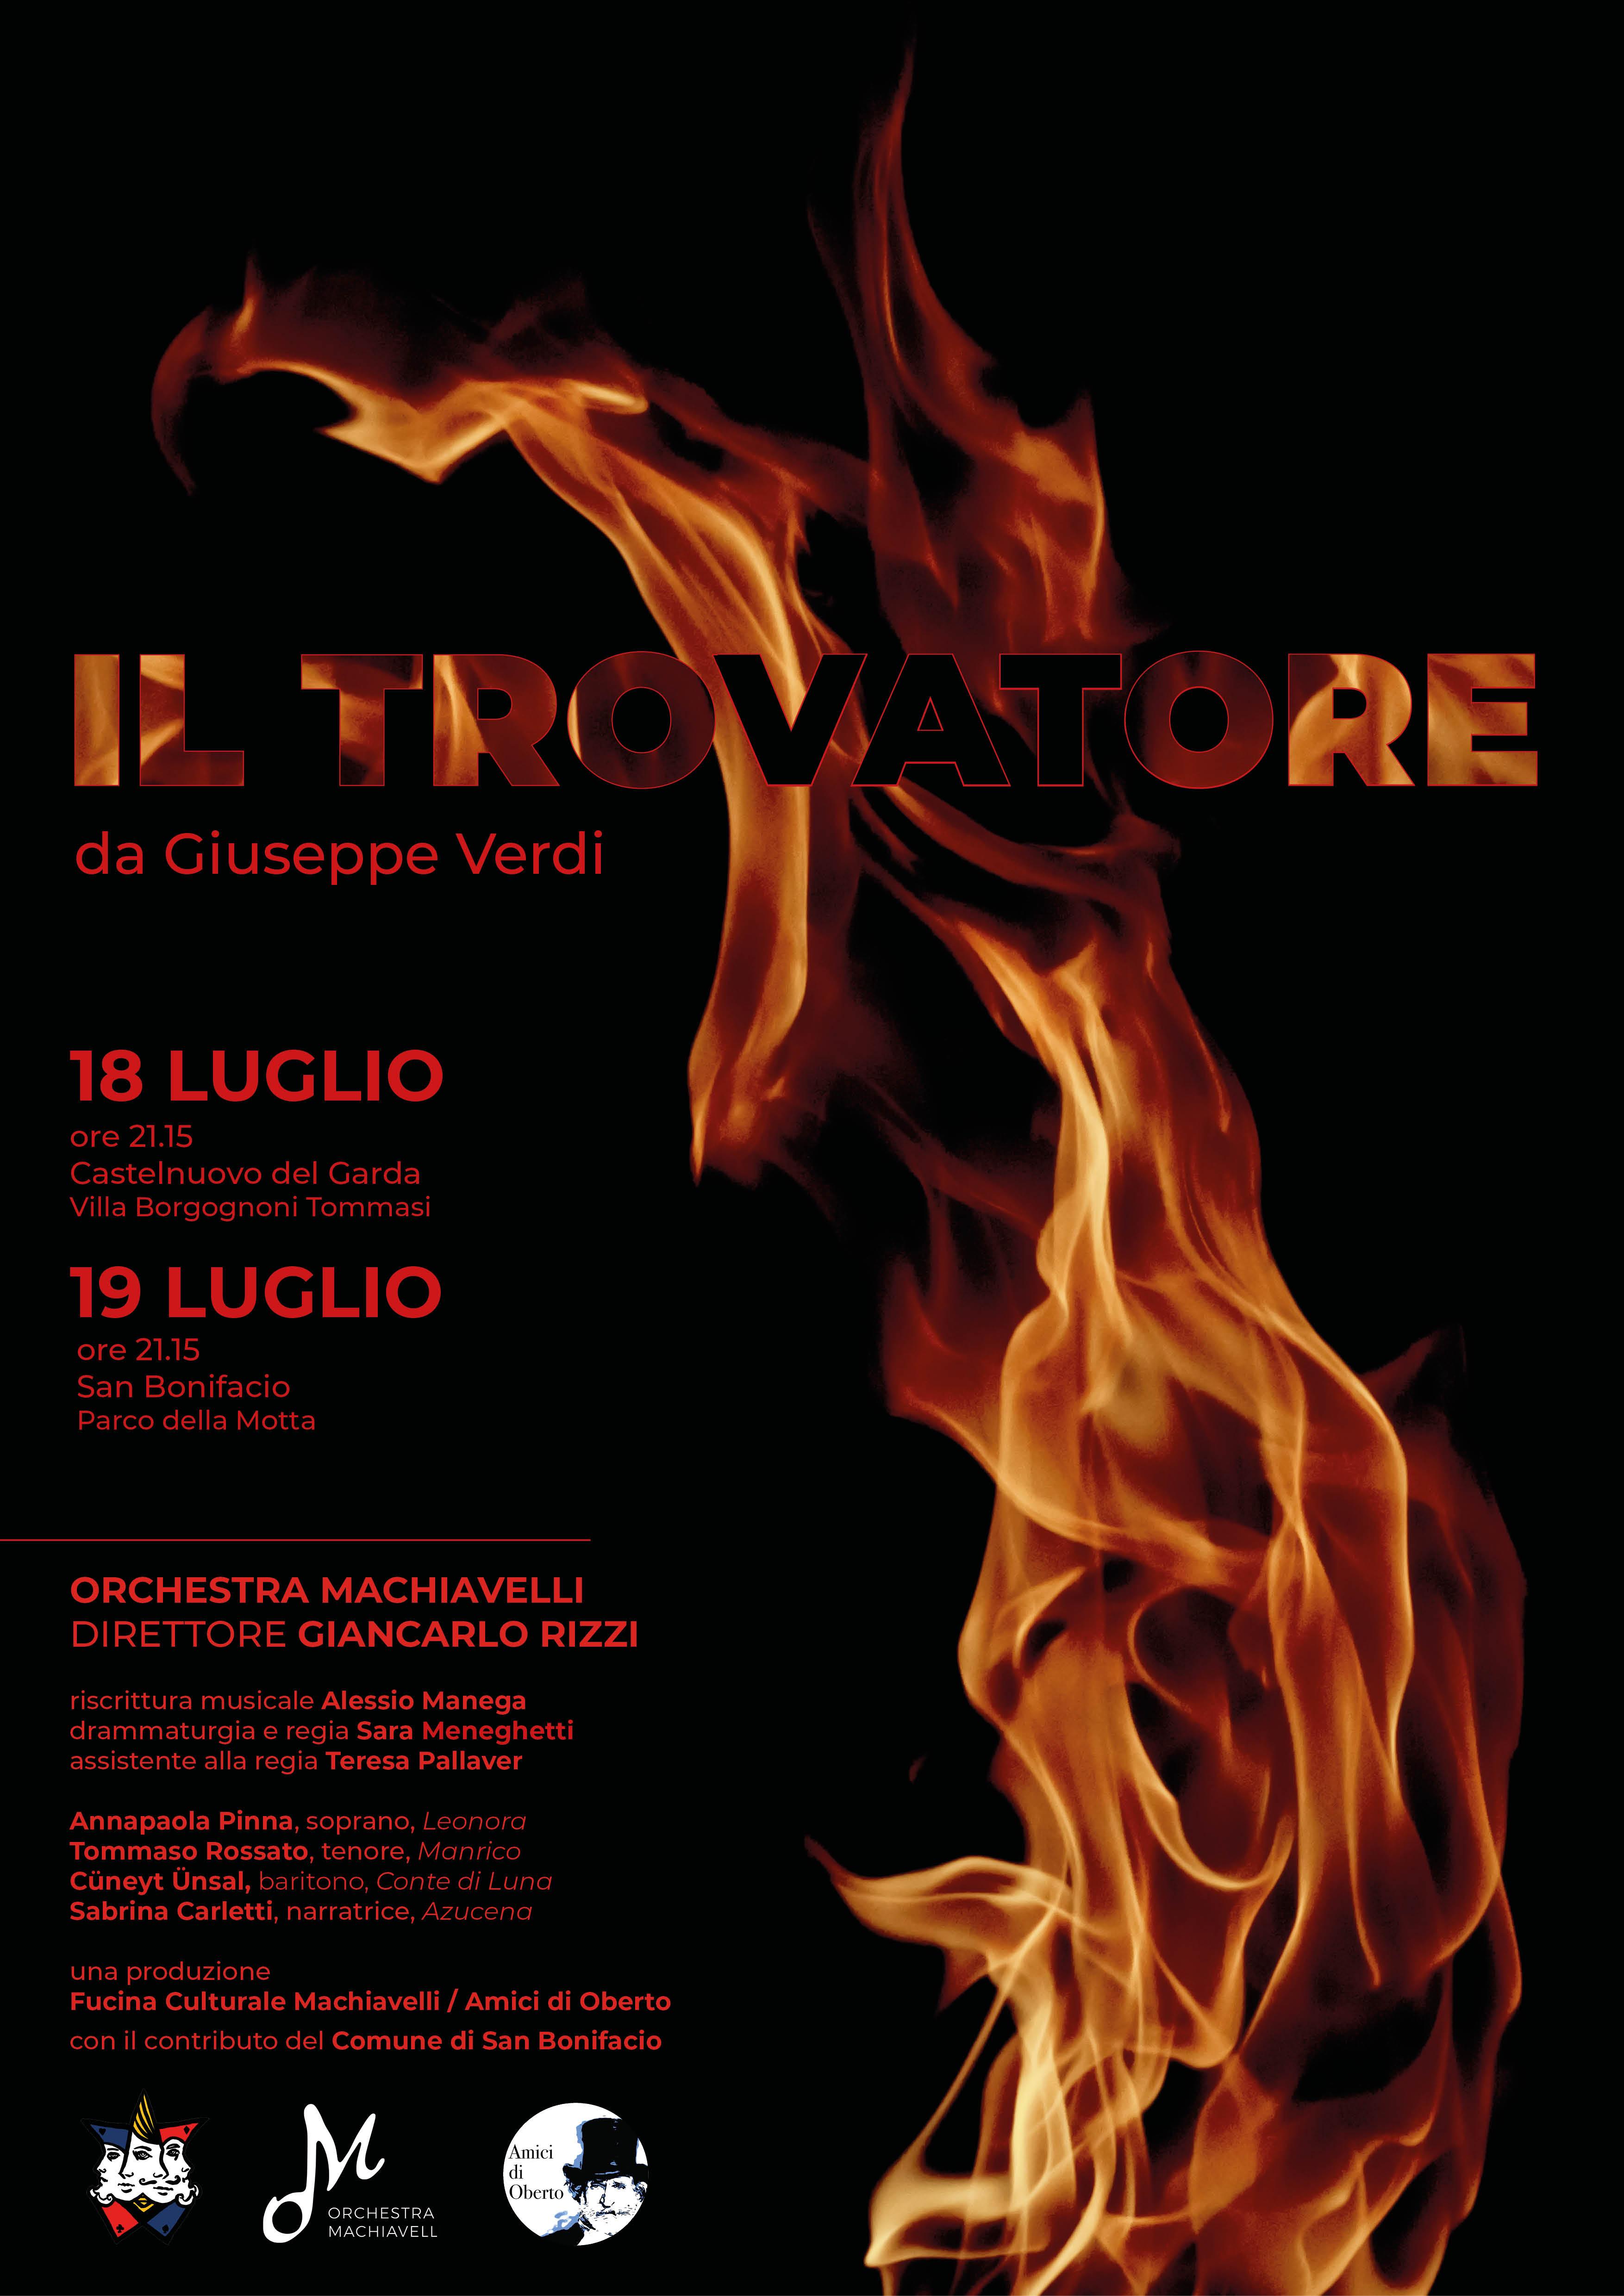 trovatore-locandina-Fucina-Culturale-Machiavelli-Giancarlo-Rizzi-sanbonifacio-castelnuovo